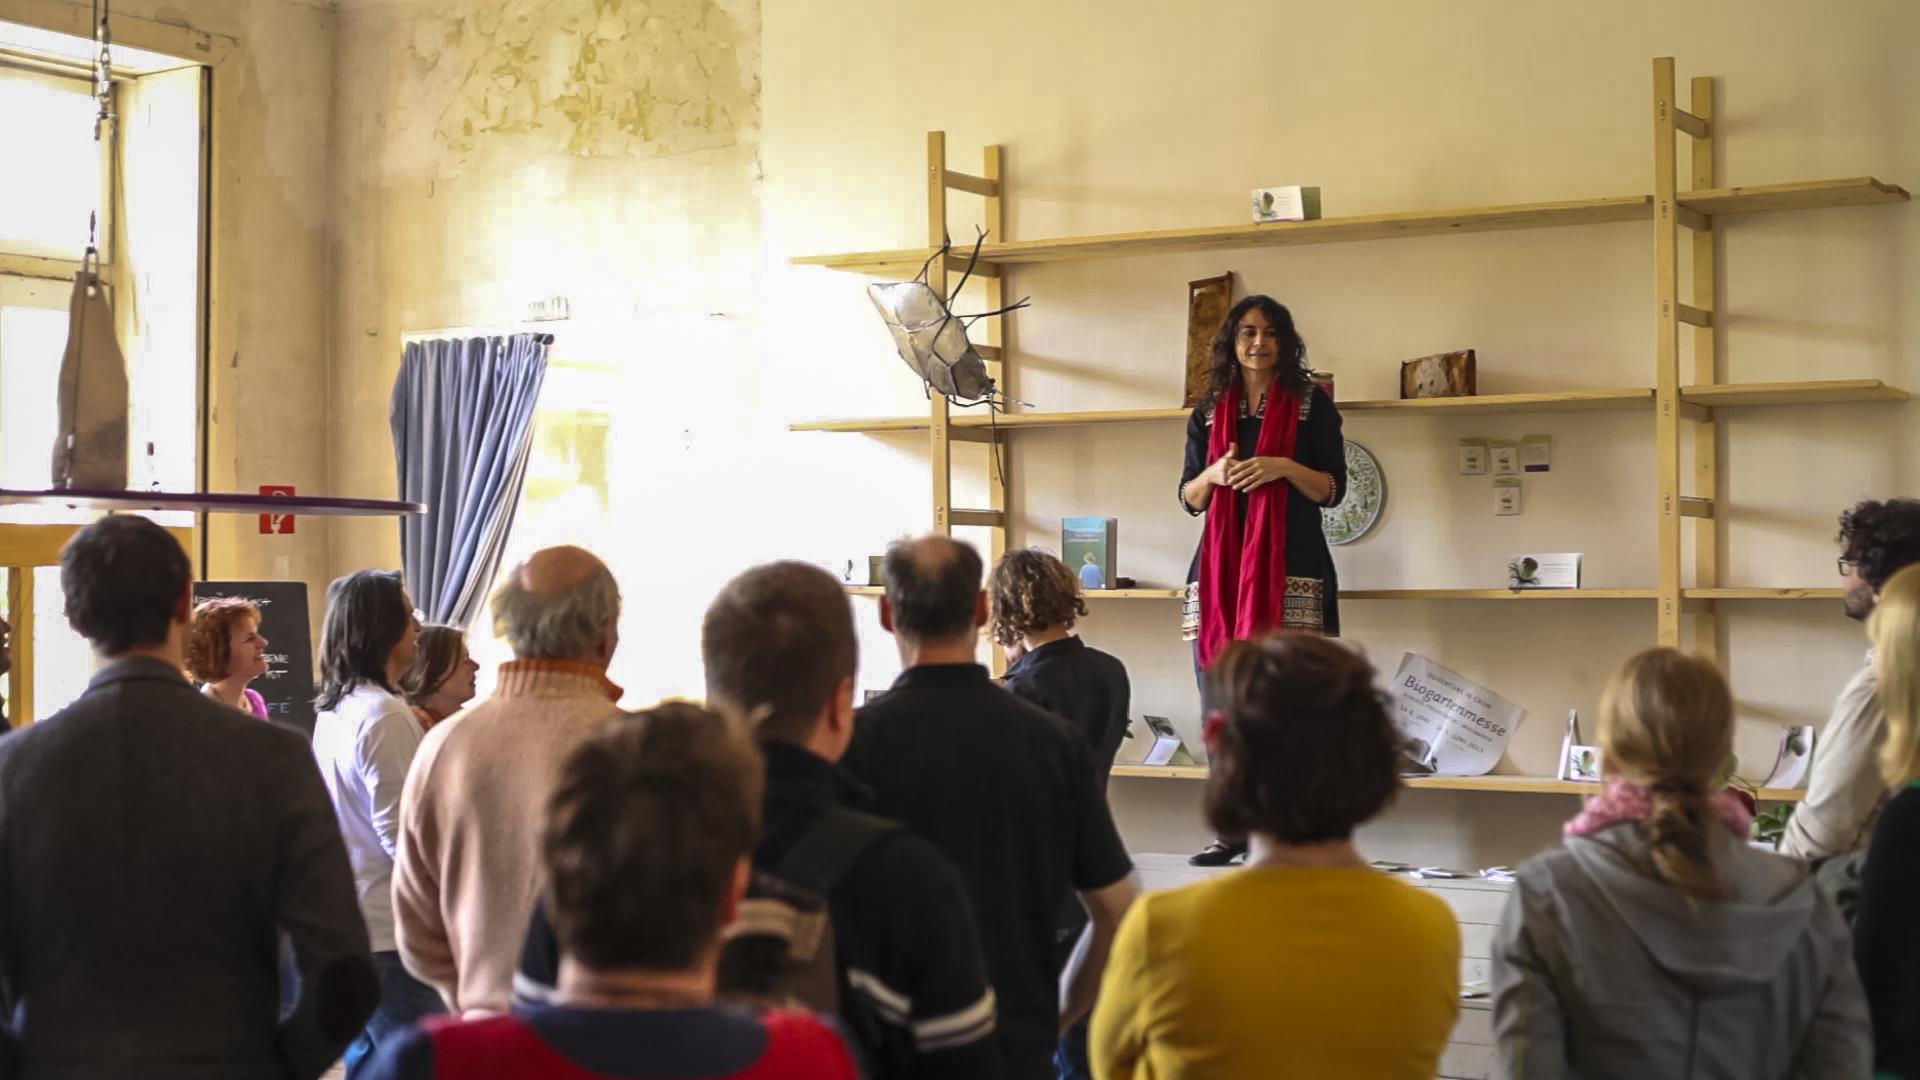 Regionale Lernkulturzeit Gruppe Etabliert Sich In Wiesbaden Im Haus